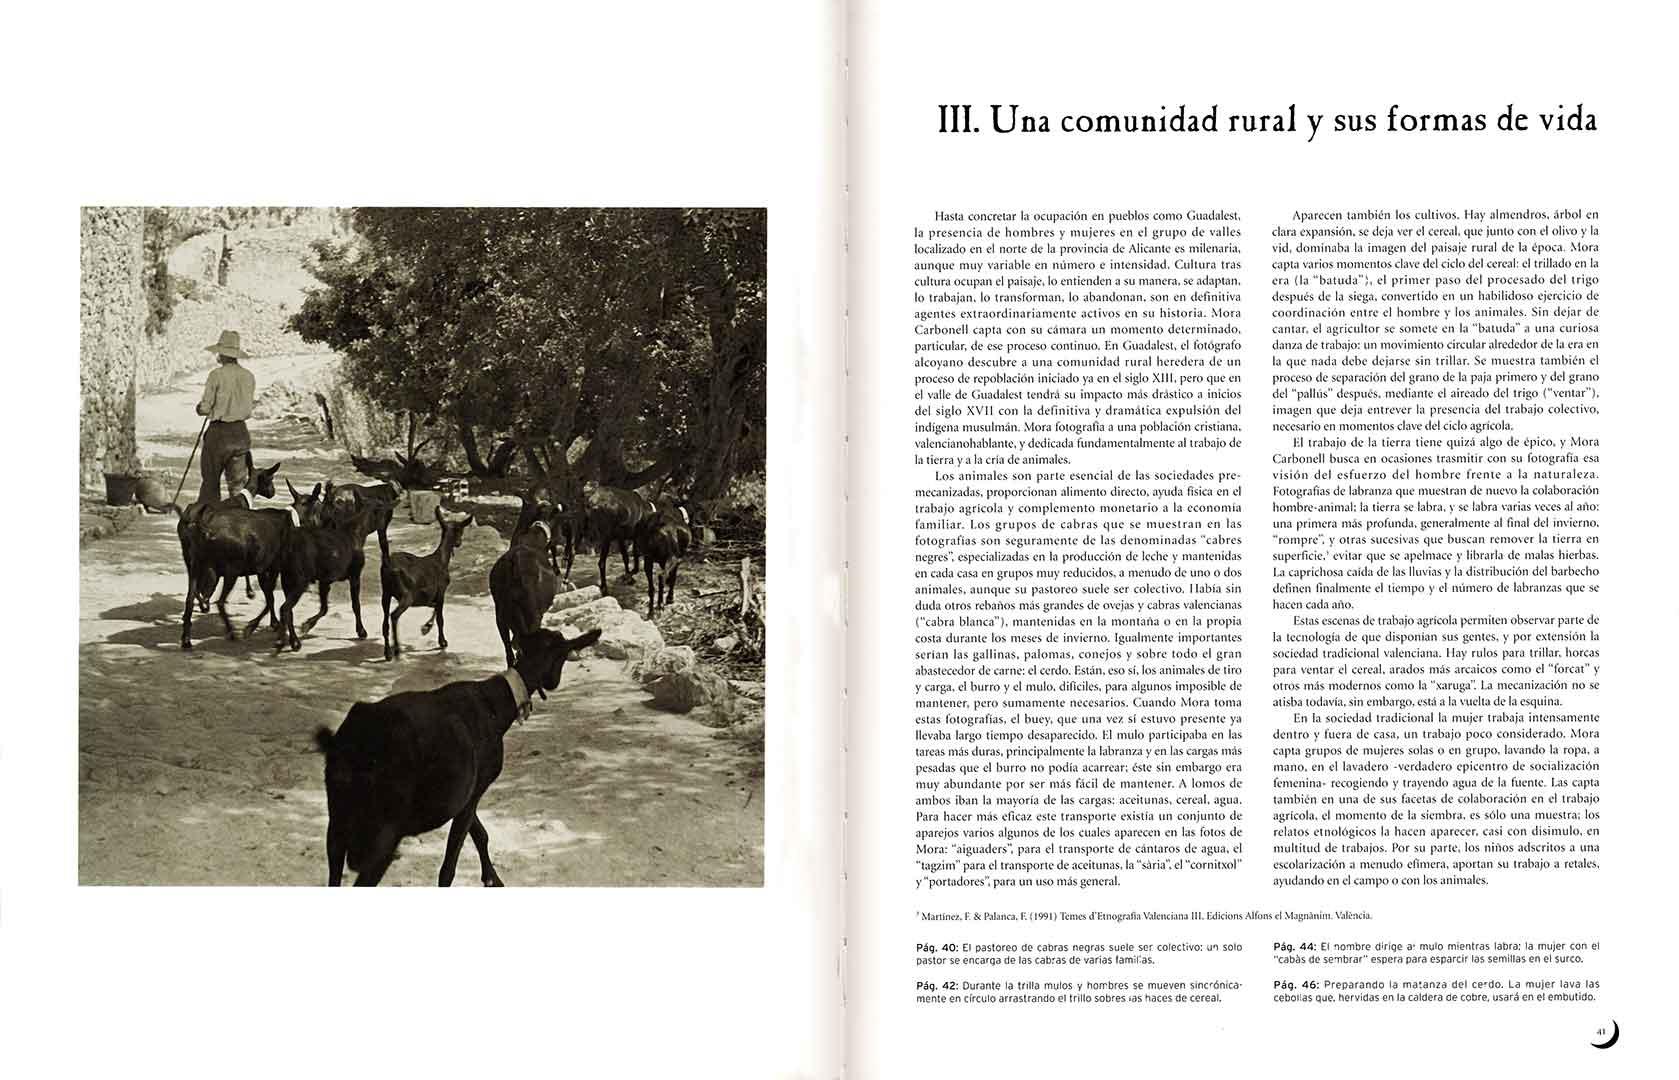 Guadalest vist por página española Mora Carbonell